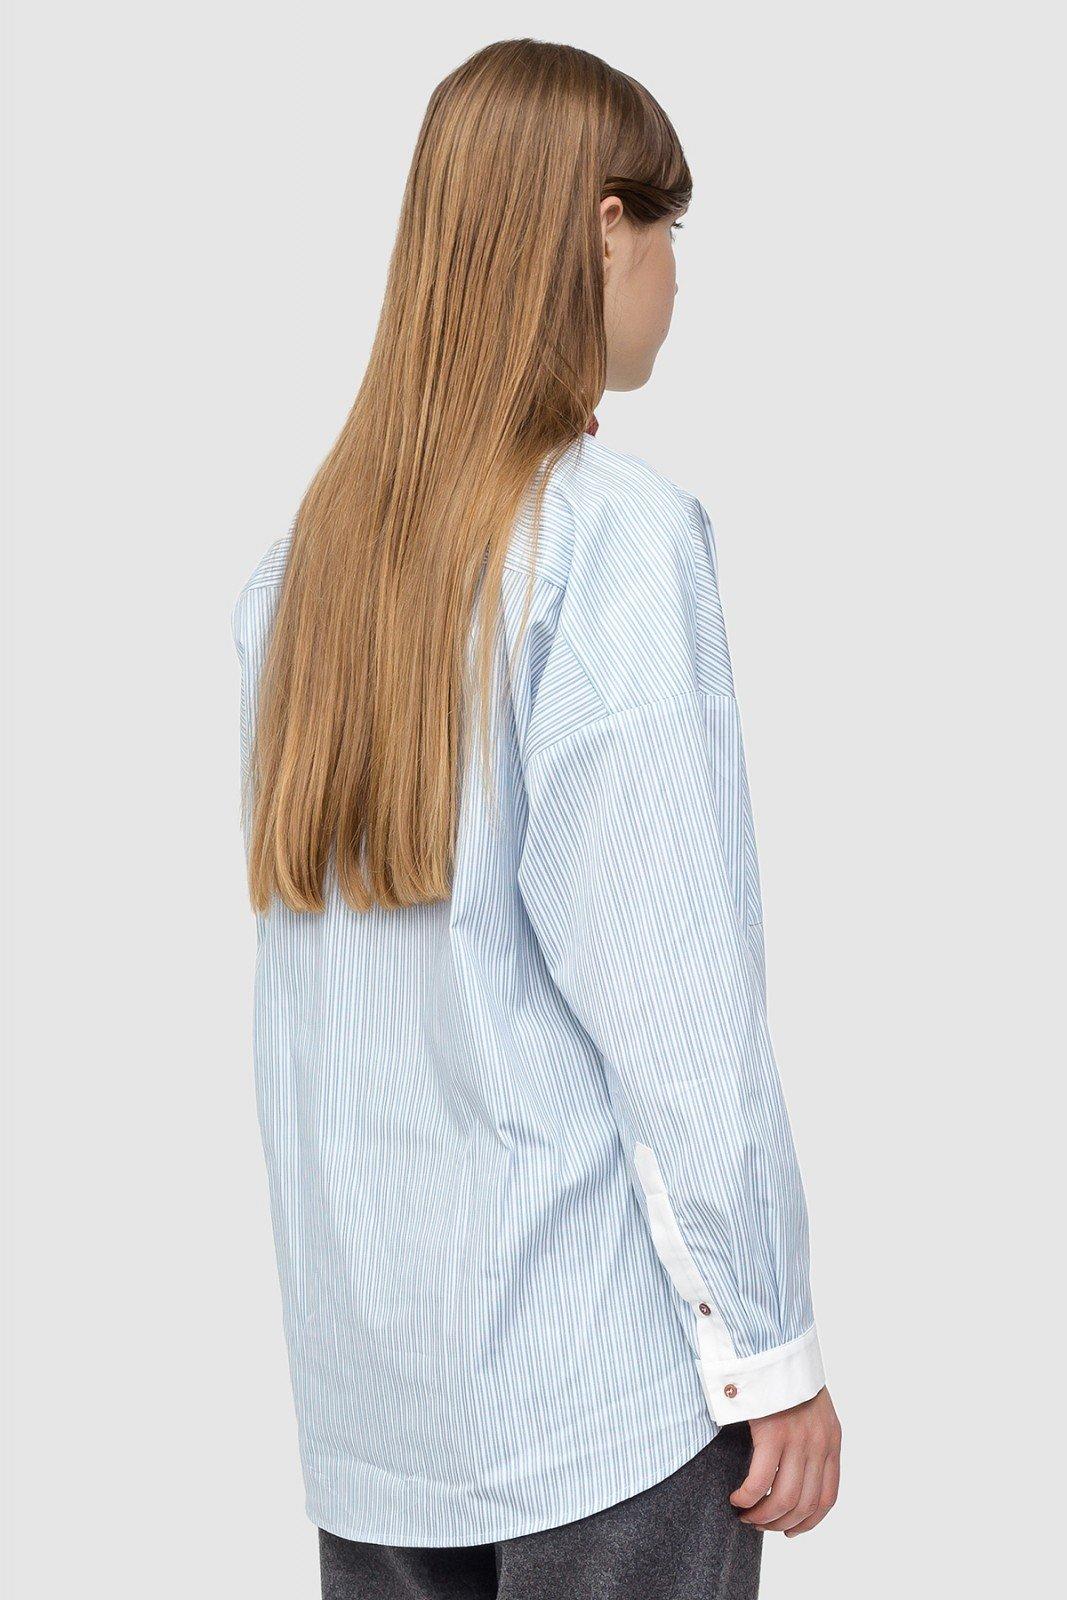 Рубашка Трентон